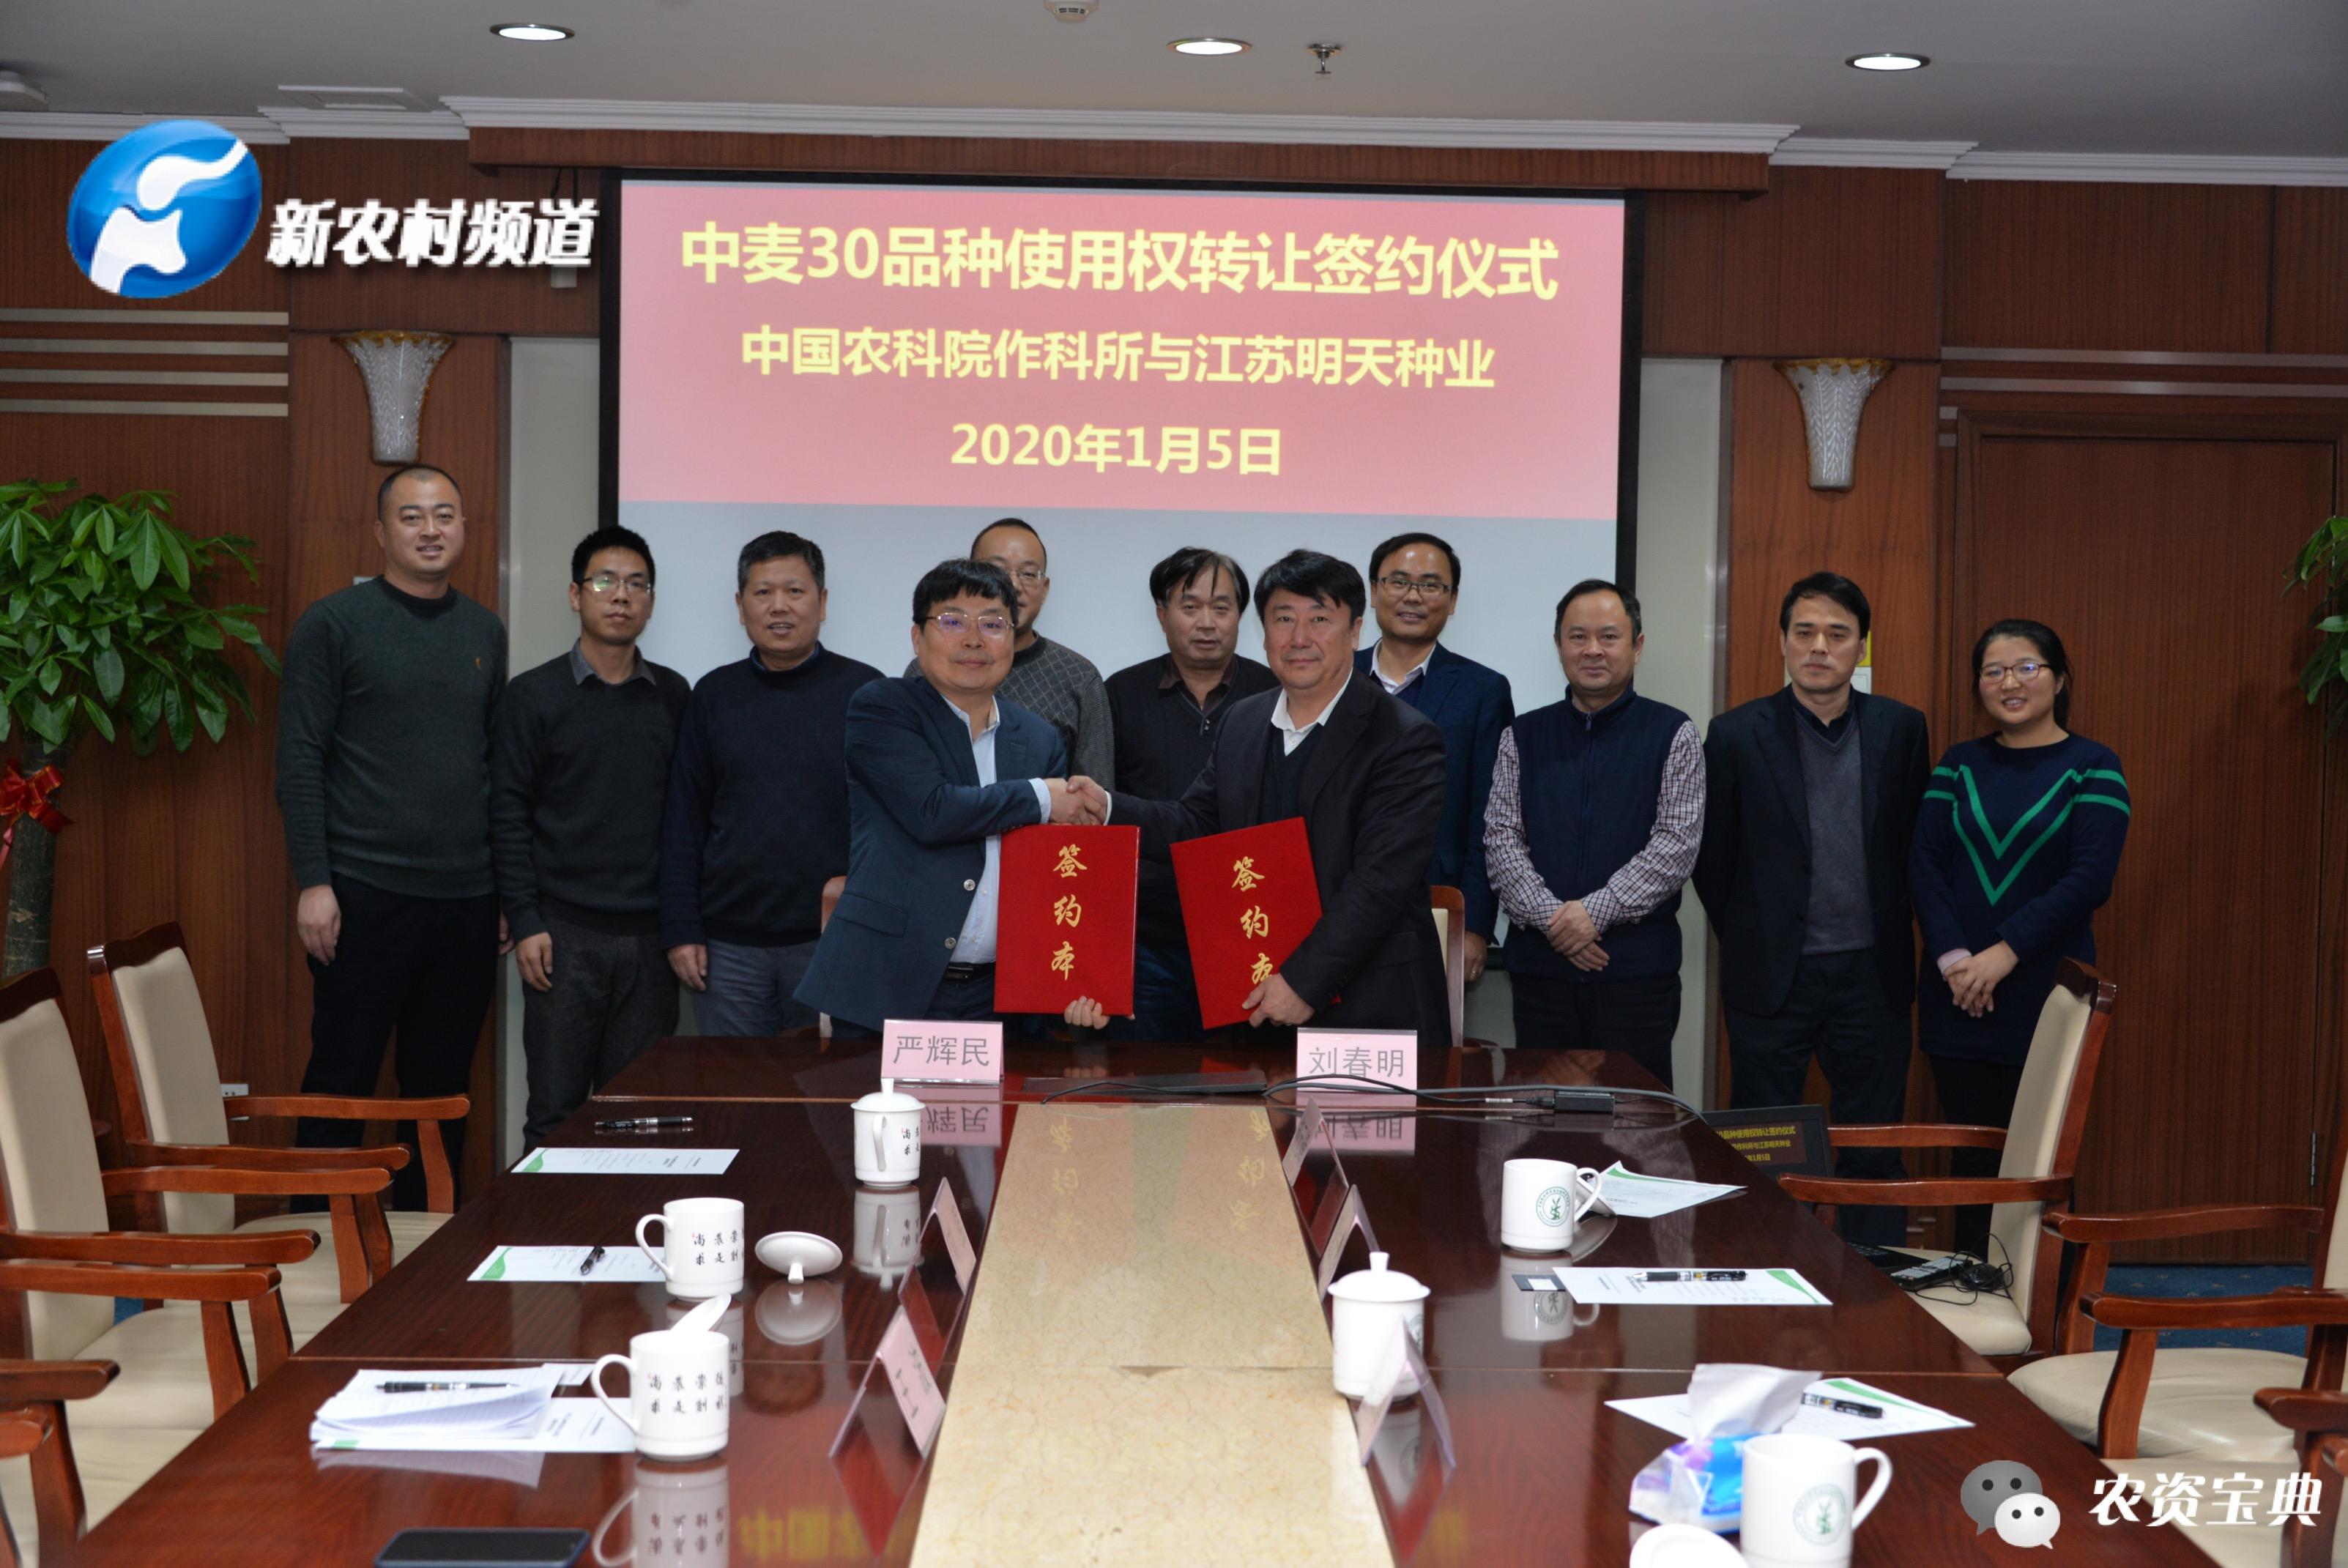 单品种,大运作!江苏明天与中国农业科学院联手,制胜种业之路